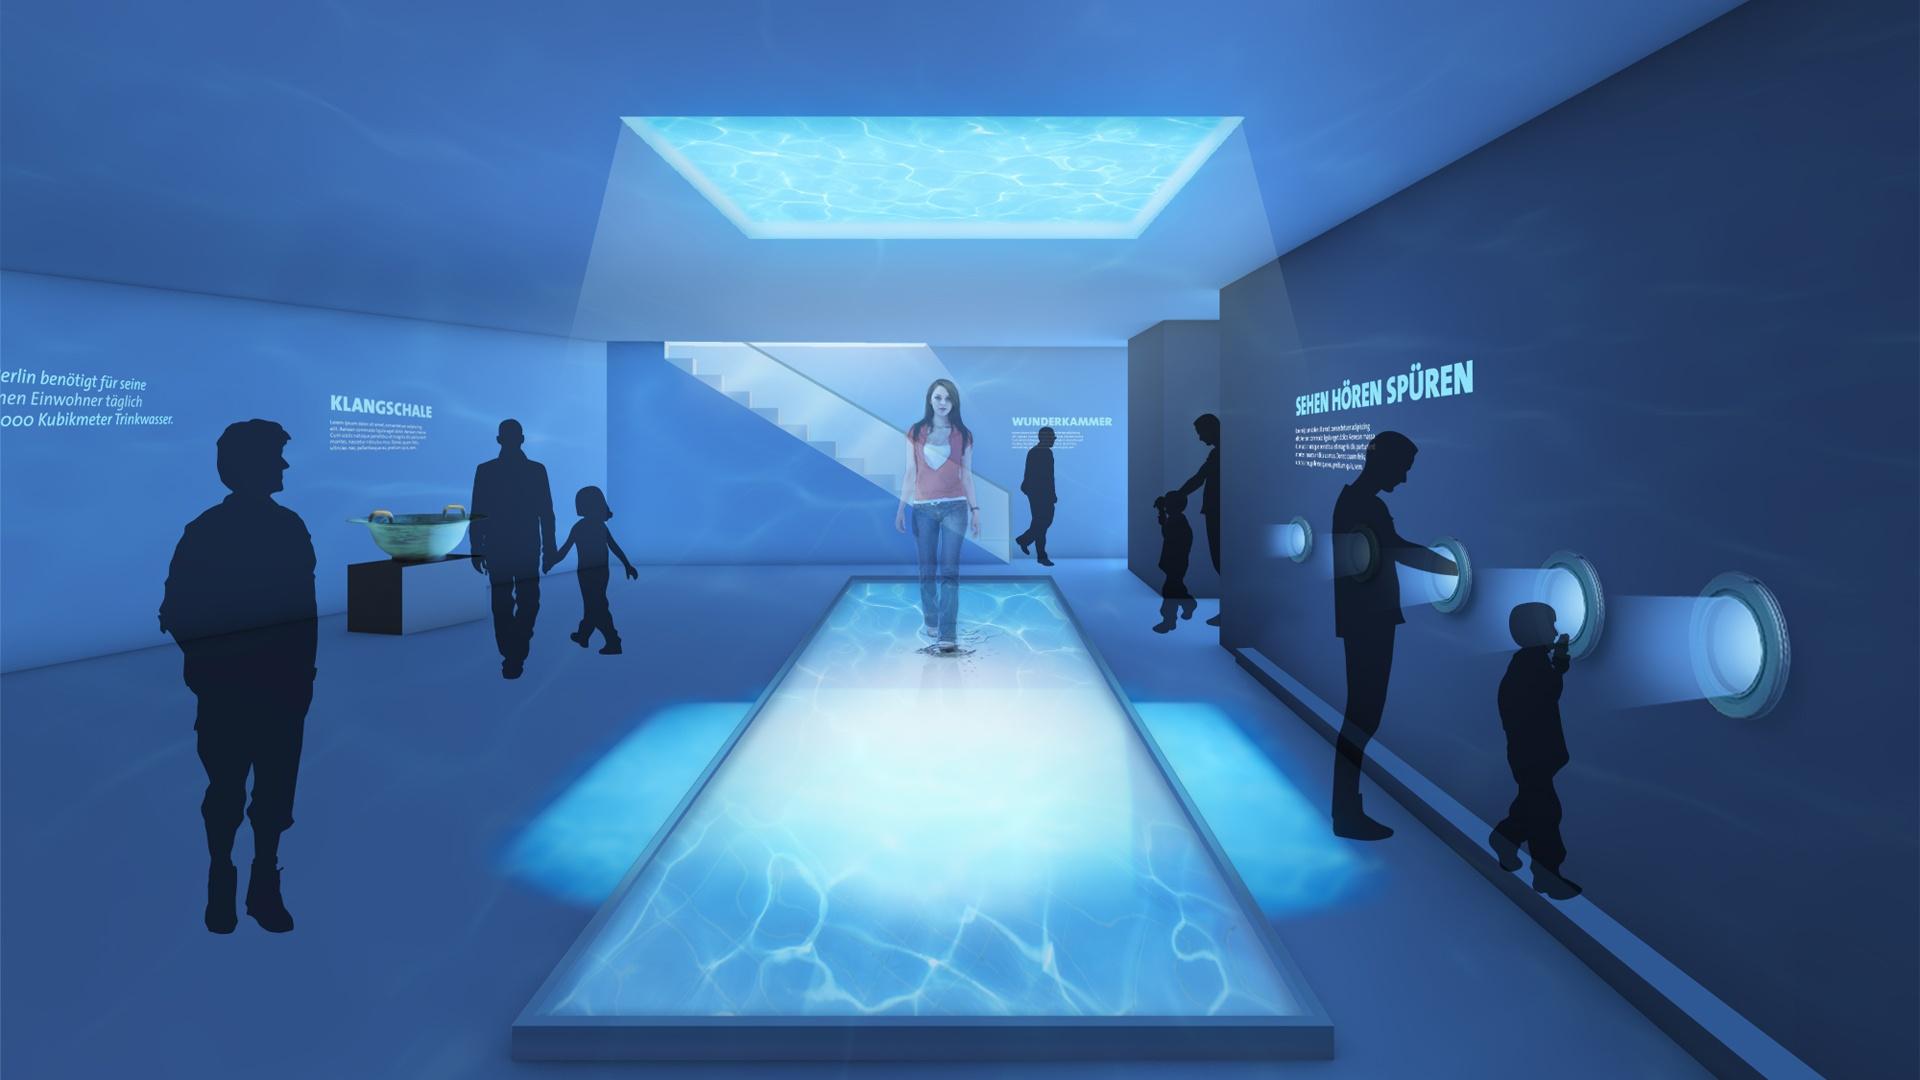 Hologramm Wunderkammer Wasserwelt Berliner Blau